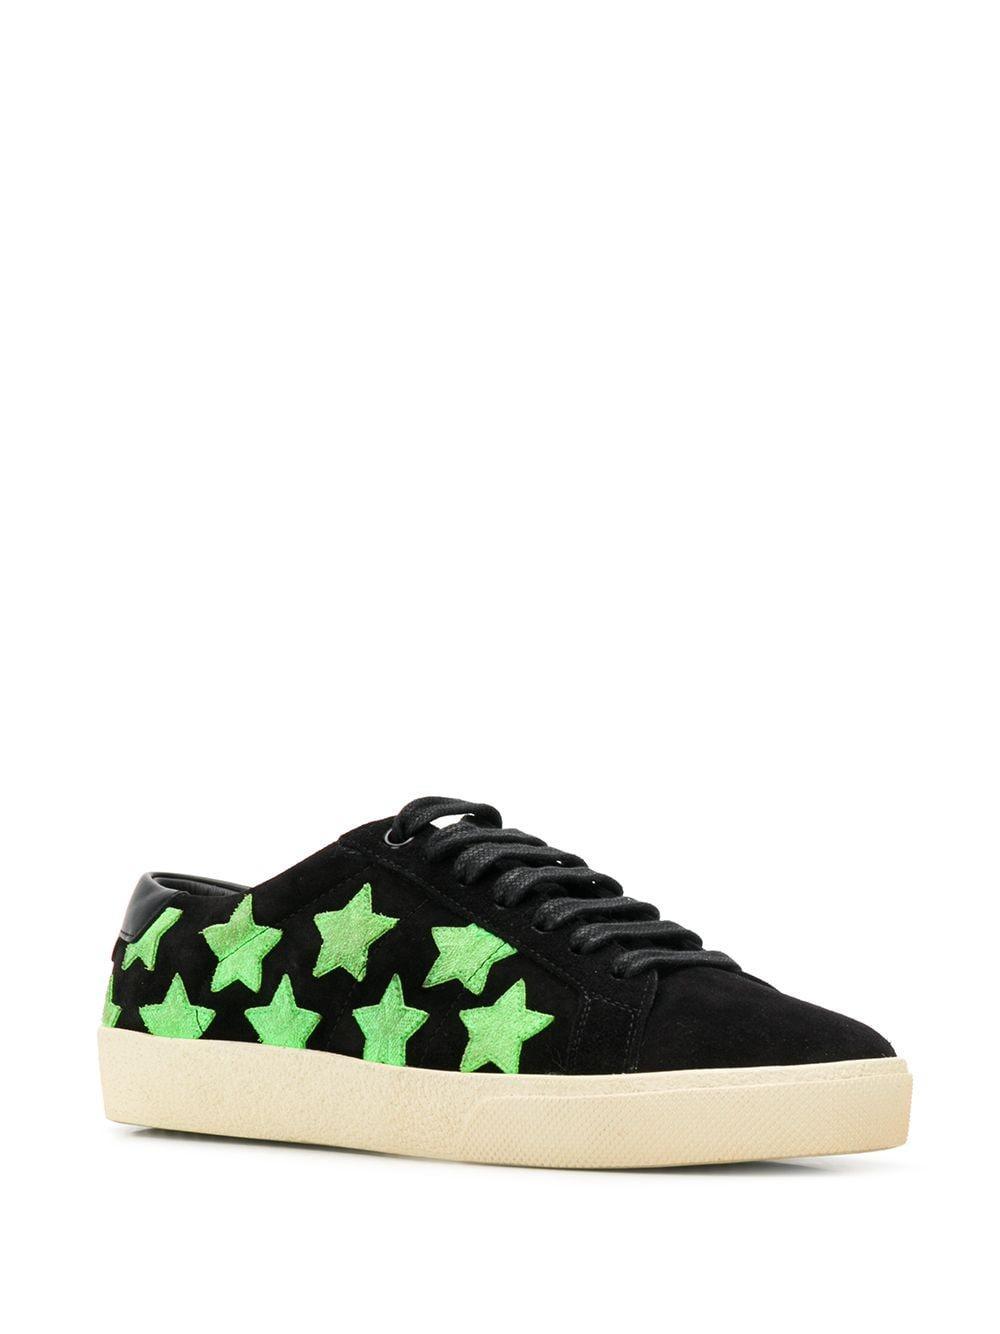 saint laurent star shoes